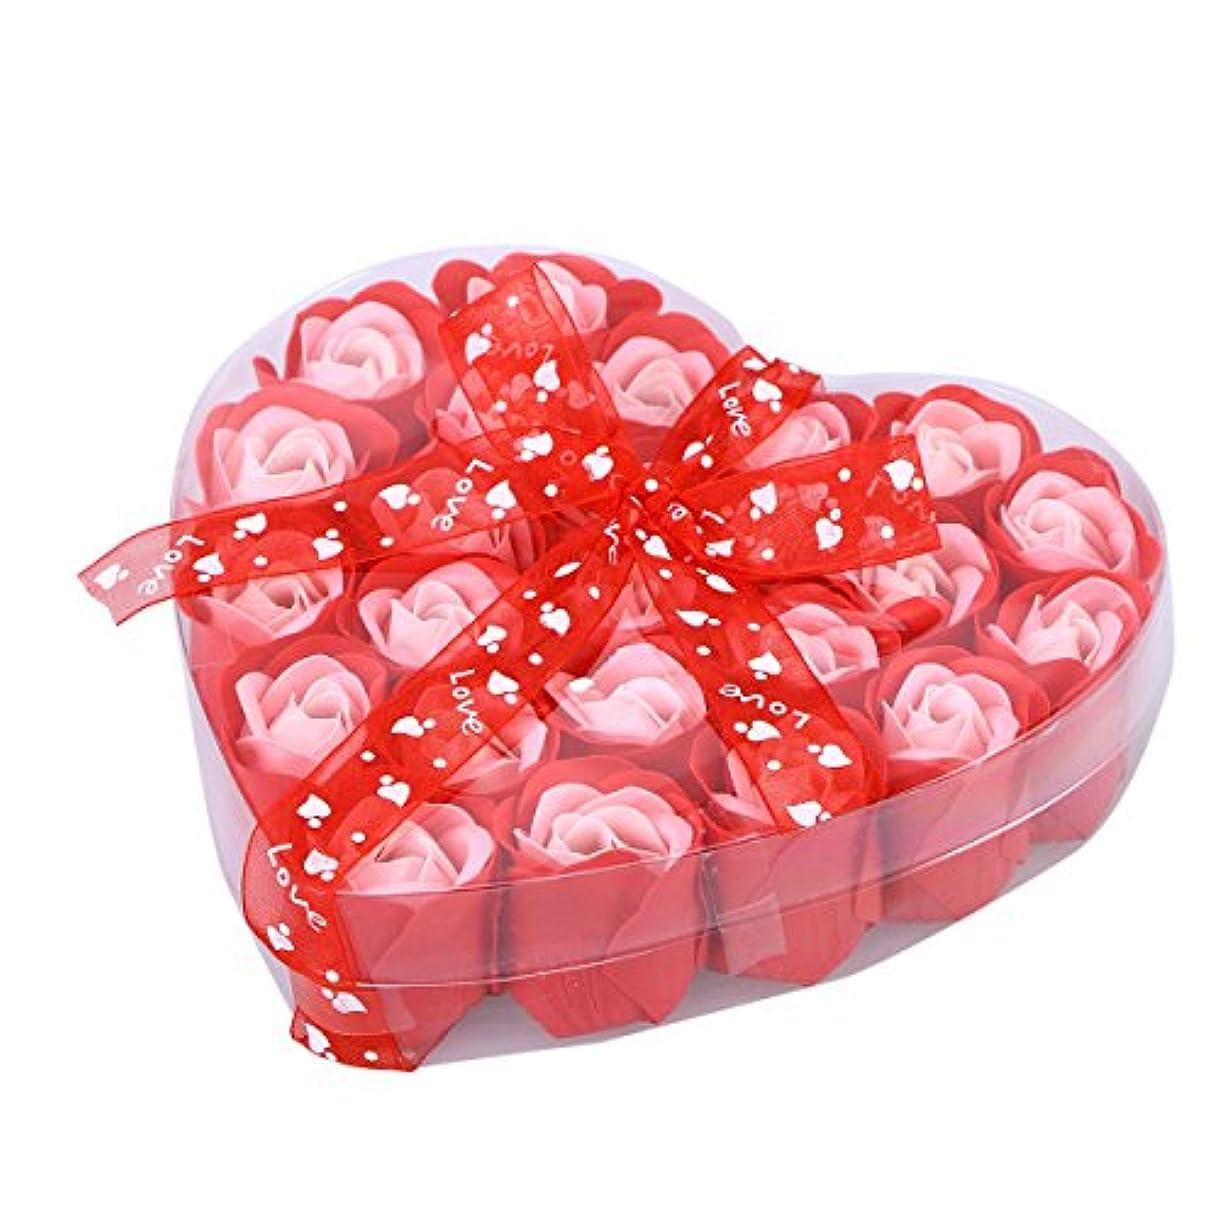 うがい薬ウミウシまたFrcolor 香り付きバスソープ ハートボックスにバラ形のソープ 飾り物 ギフト 24個入